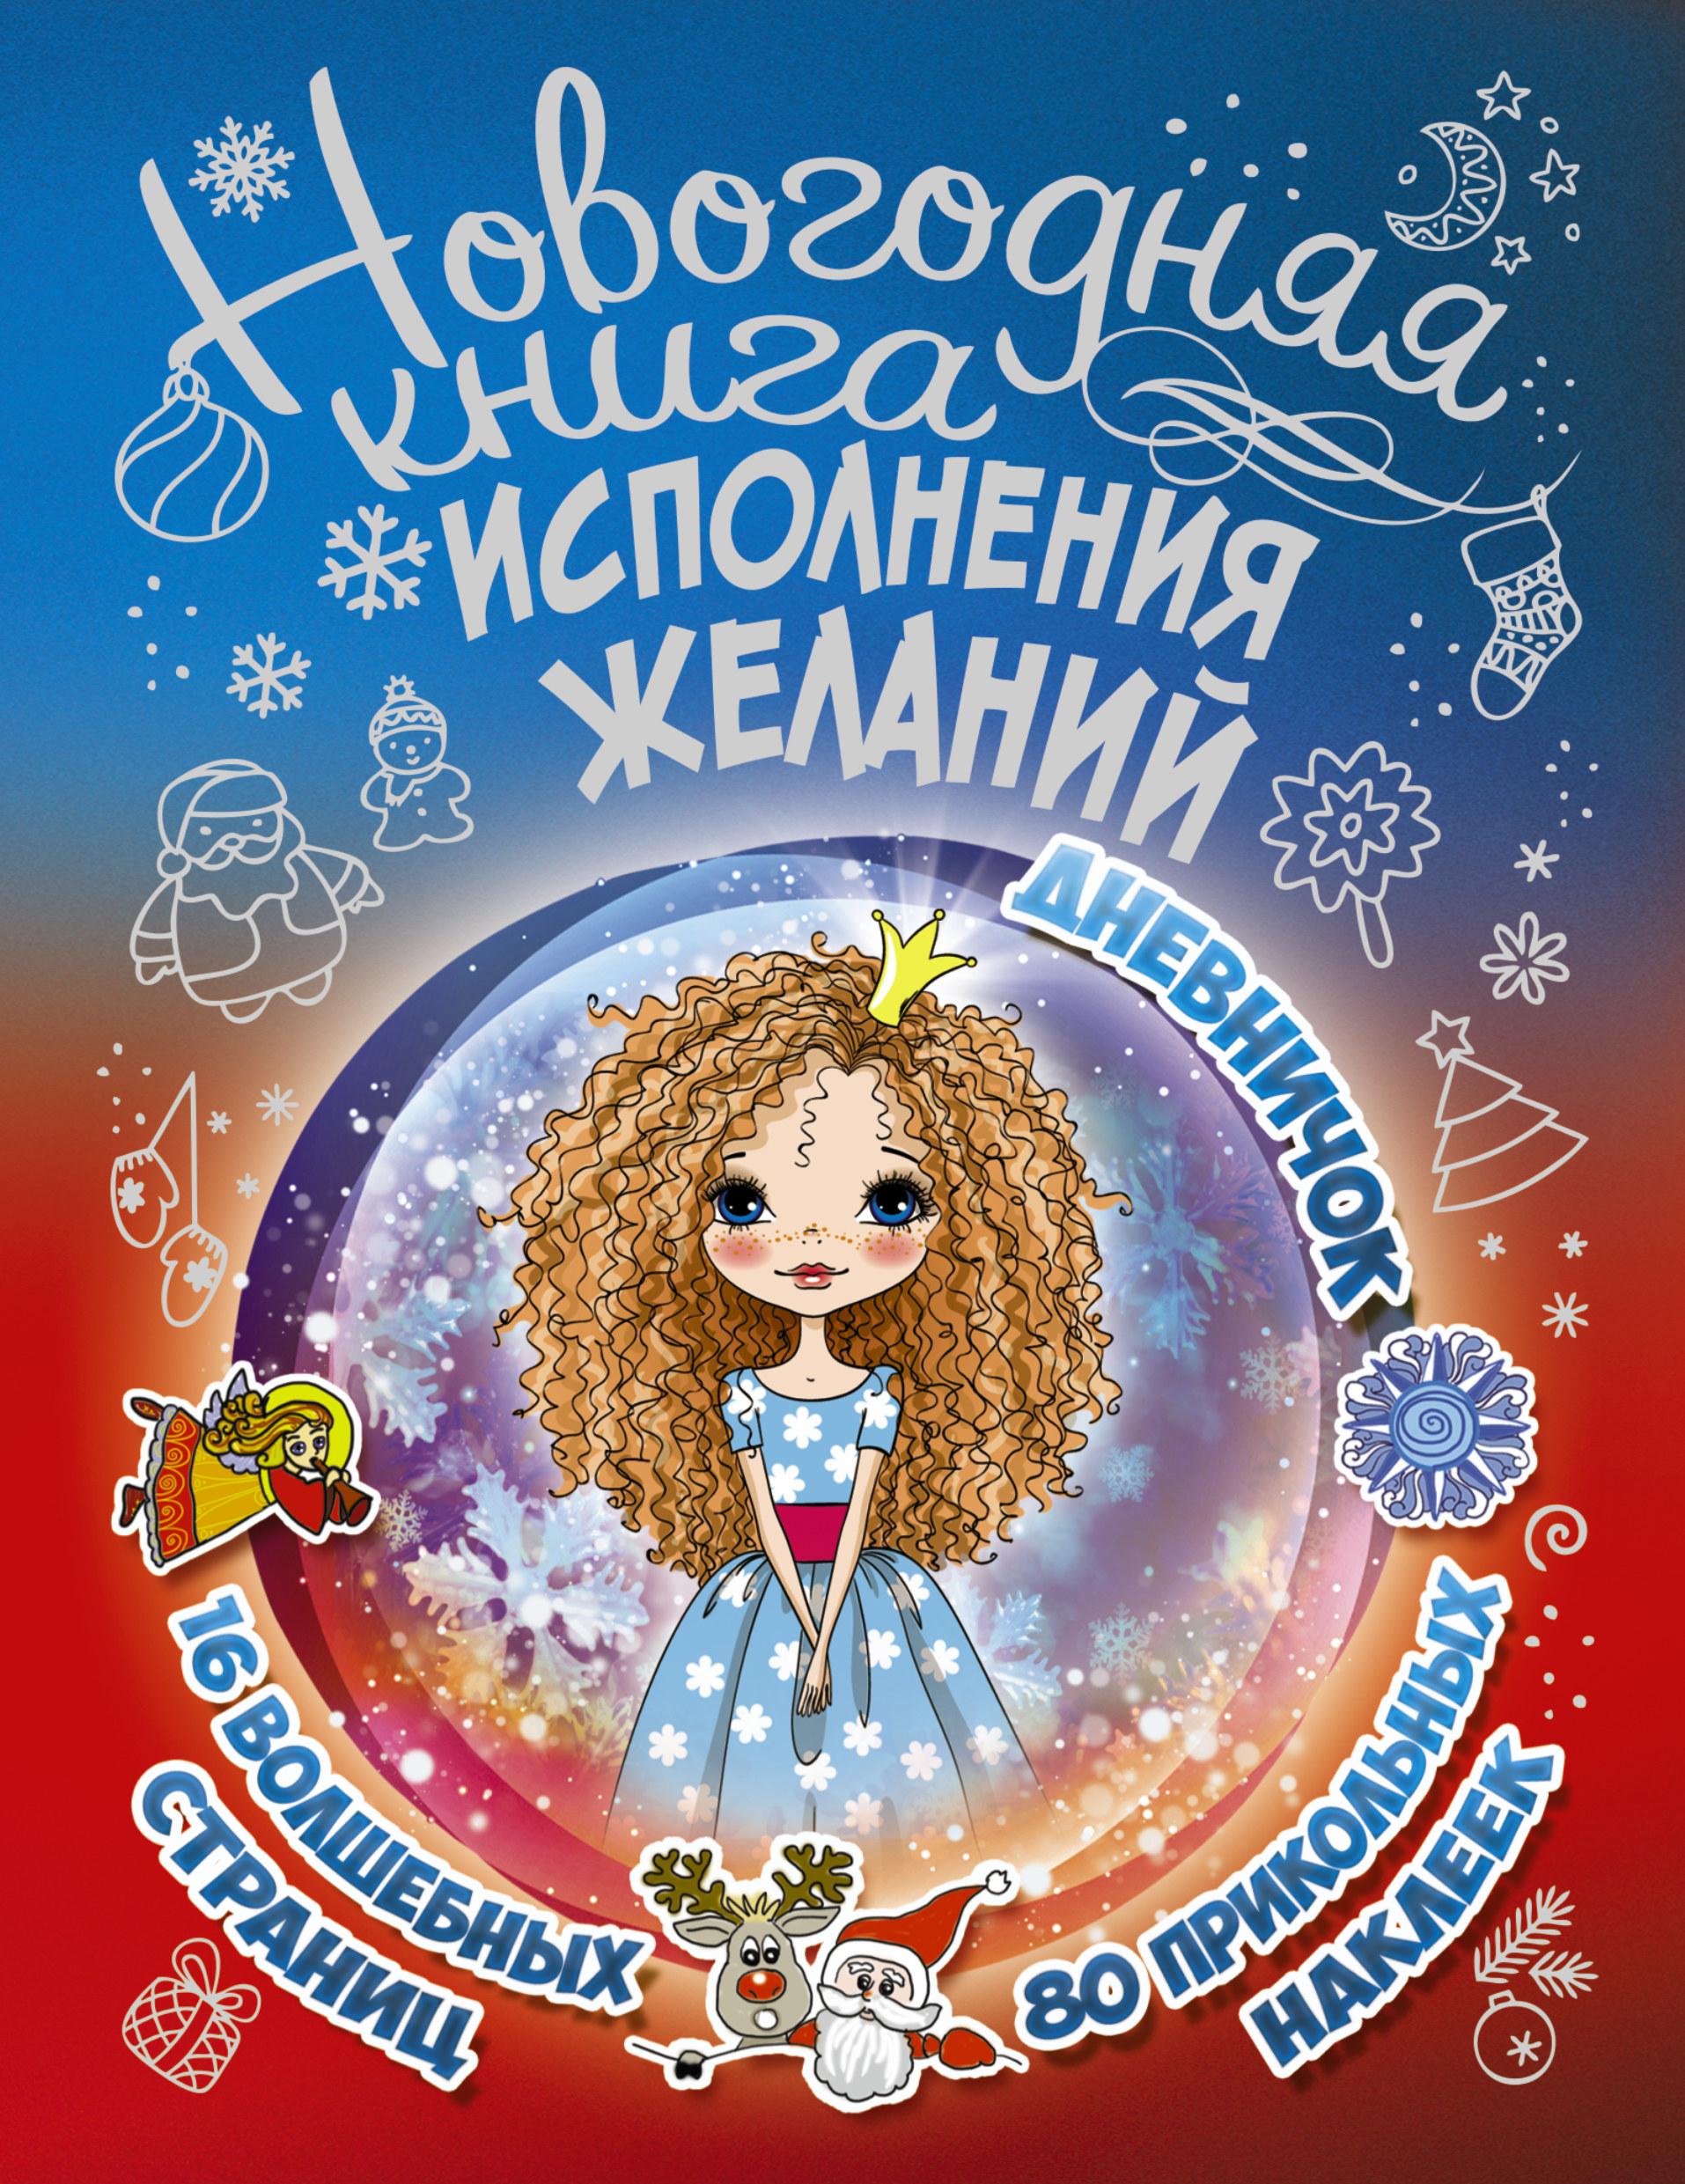 Иолтуховская Е.А. Новогодняя книга исполнения желаний